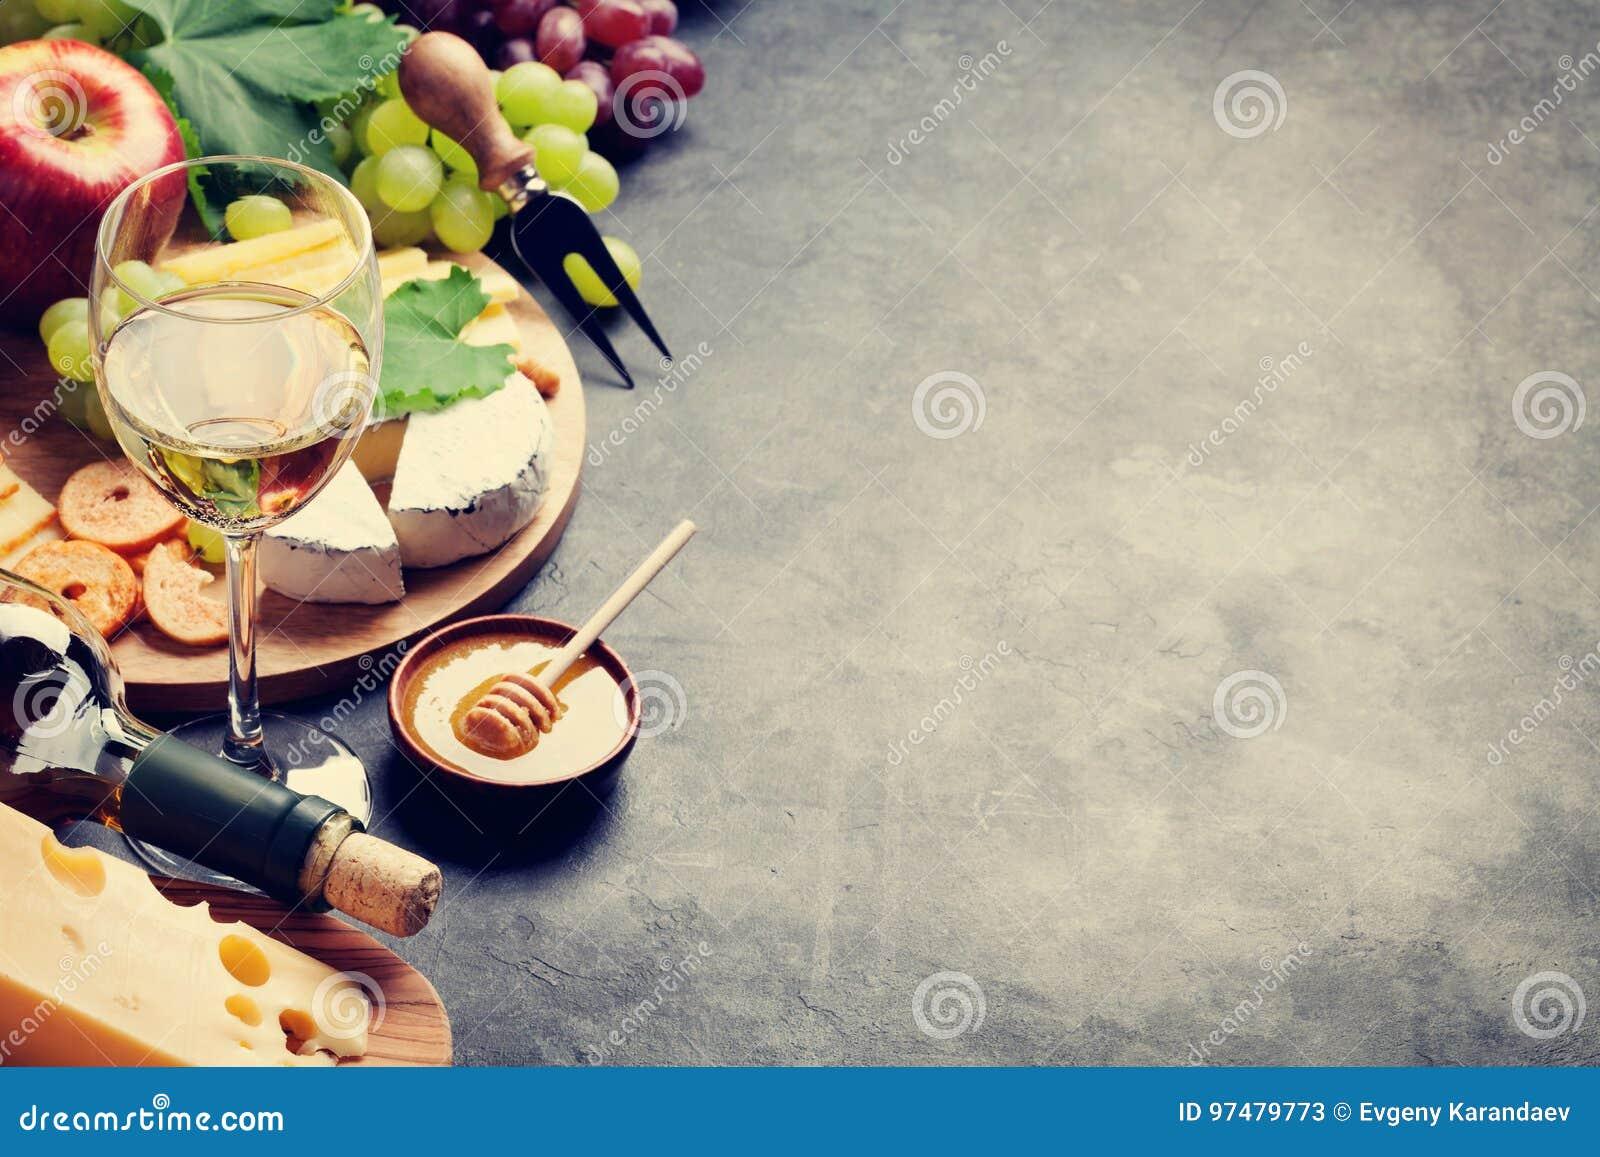 Vino, uva, formaggio e miele